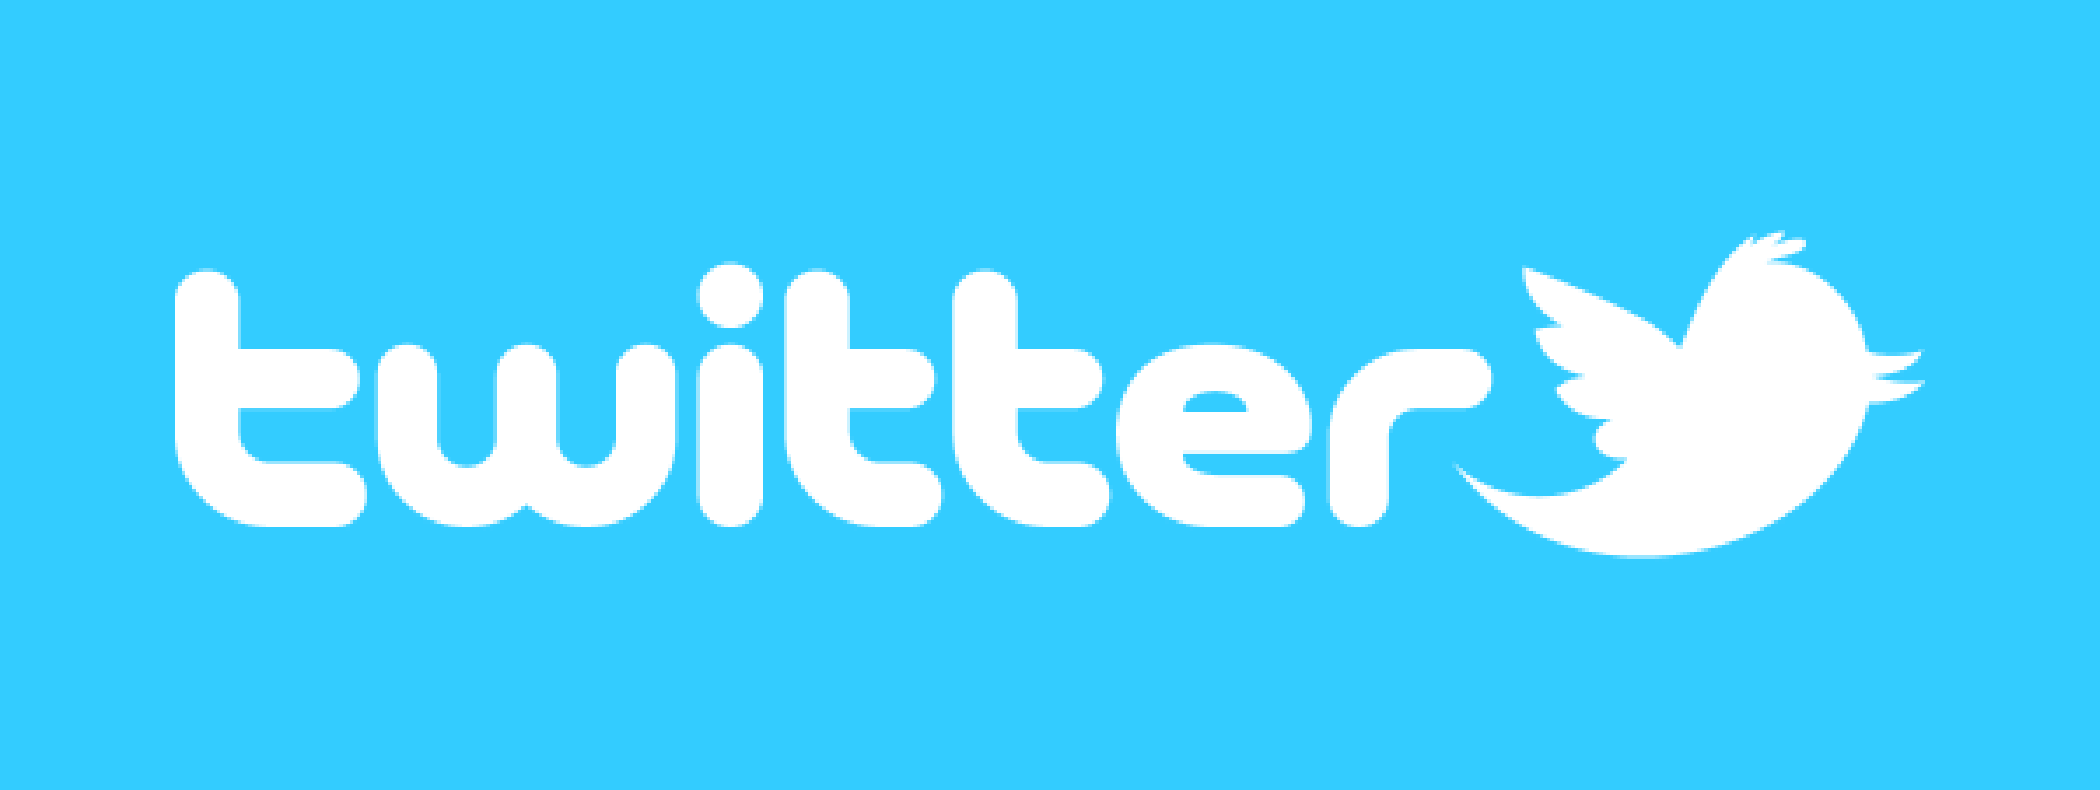 Twitter prináša zdieľanie tweetov cez DM | BRANORAC.SK – Blog Branislava  Ráca